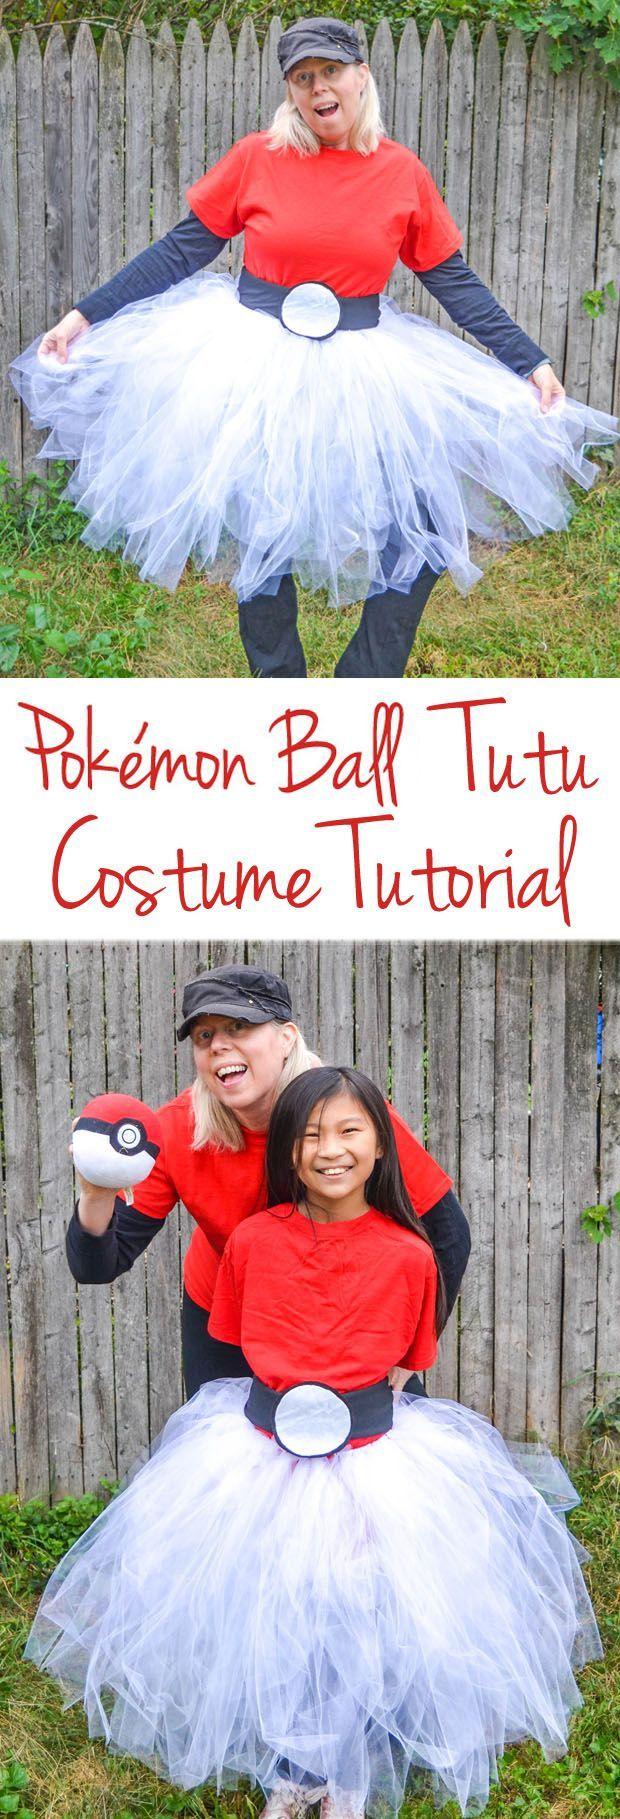 Pokemon Ball Tutu Costume - Create this Pokémon Ball Tutu Costume for Halloween or when you play Pokémon GO. #Pokemon #costume